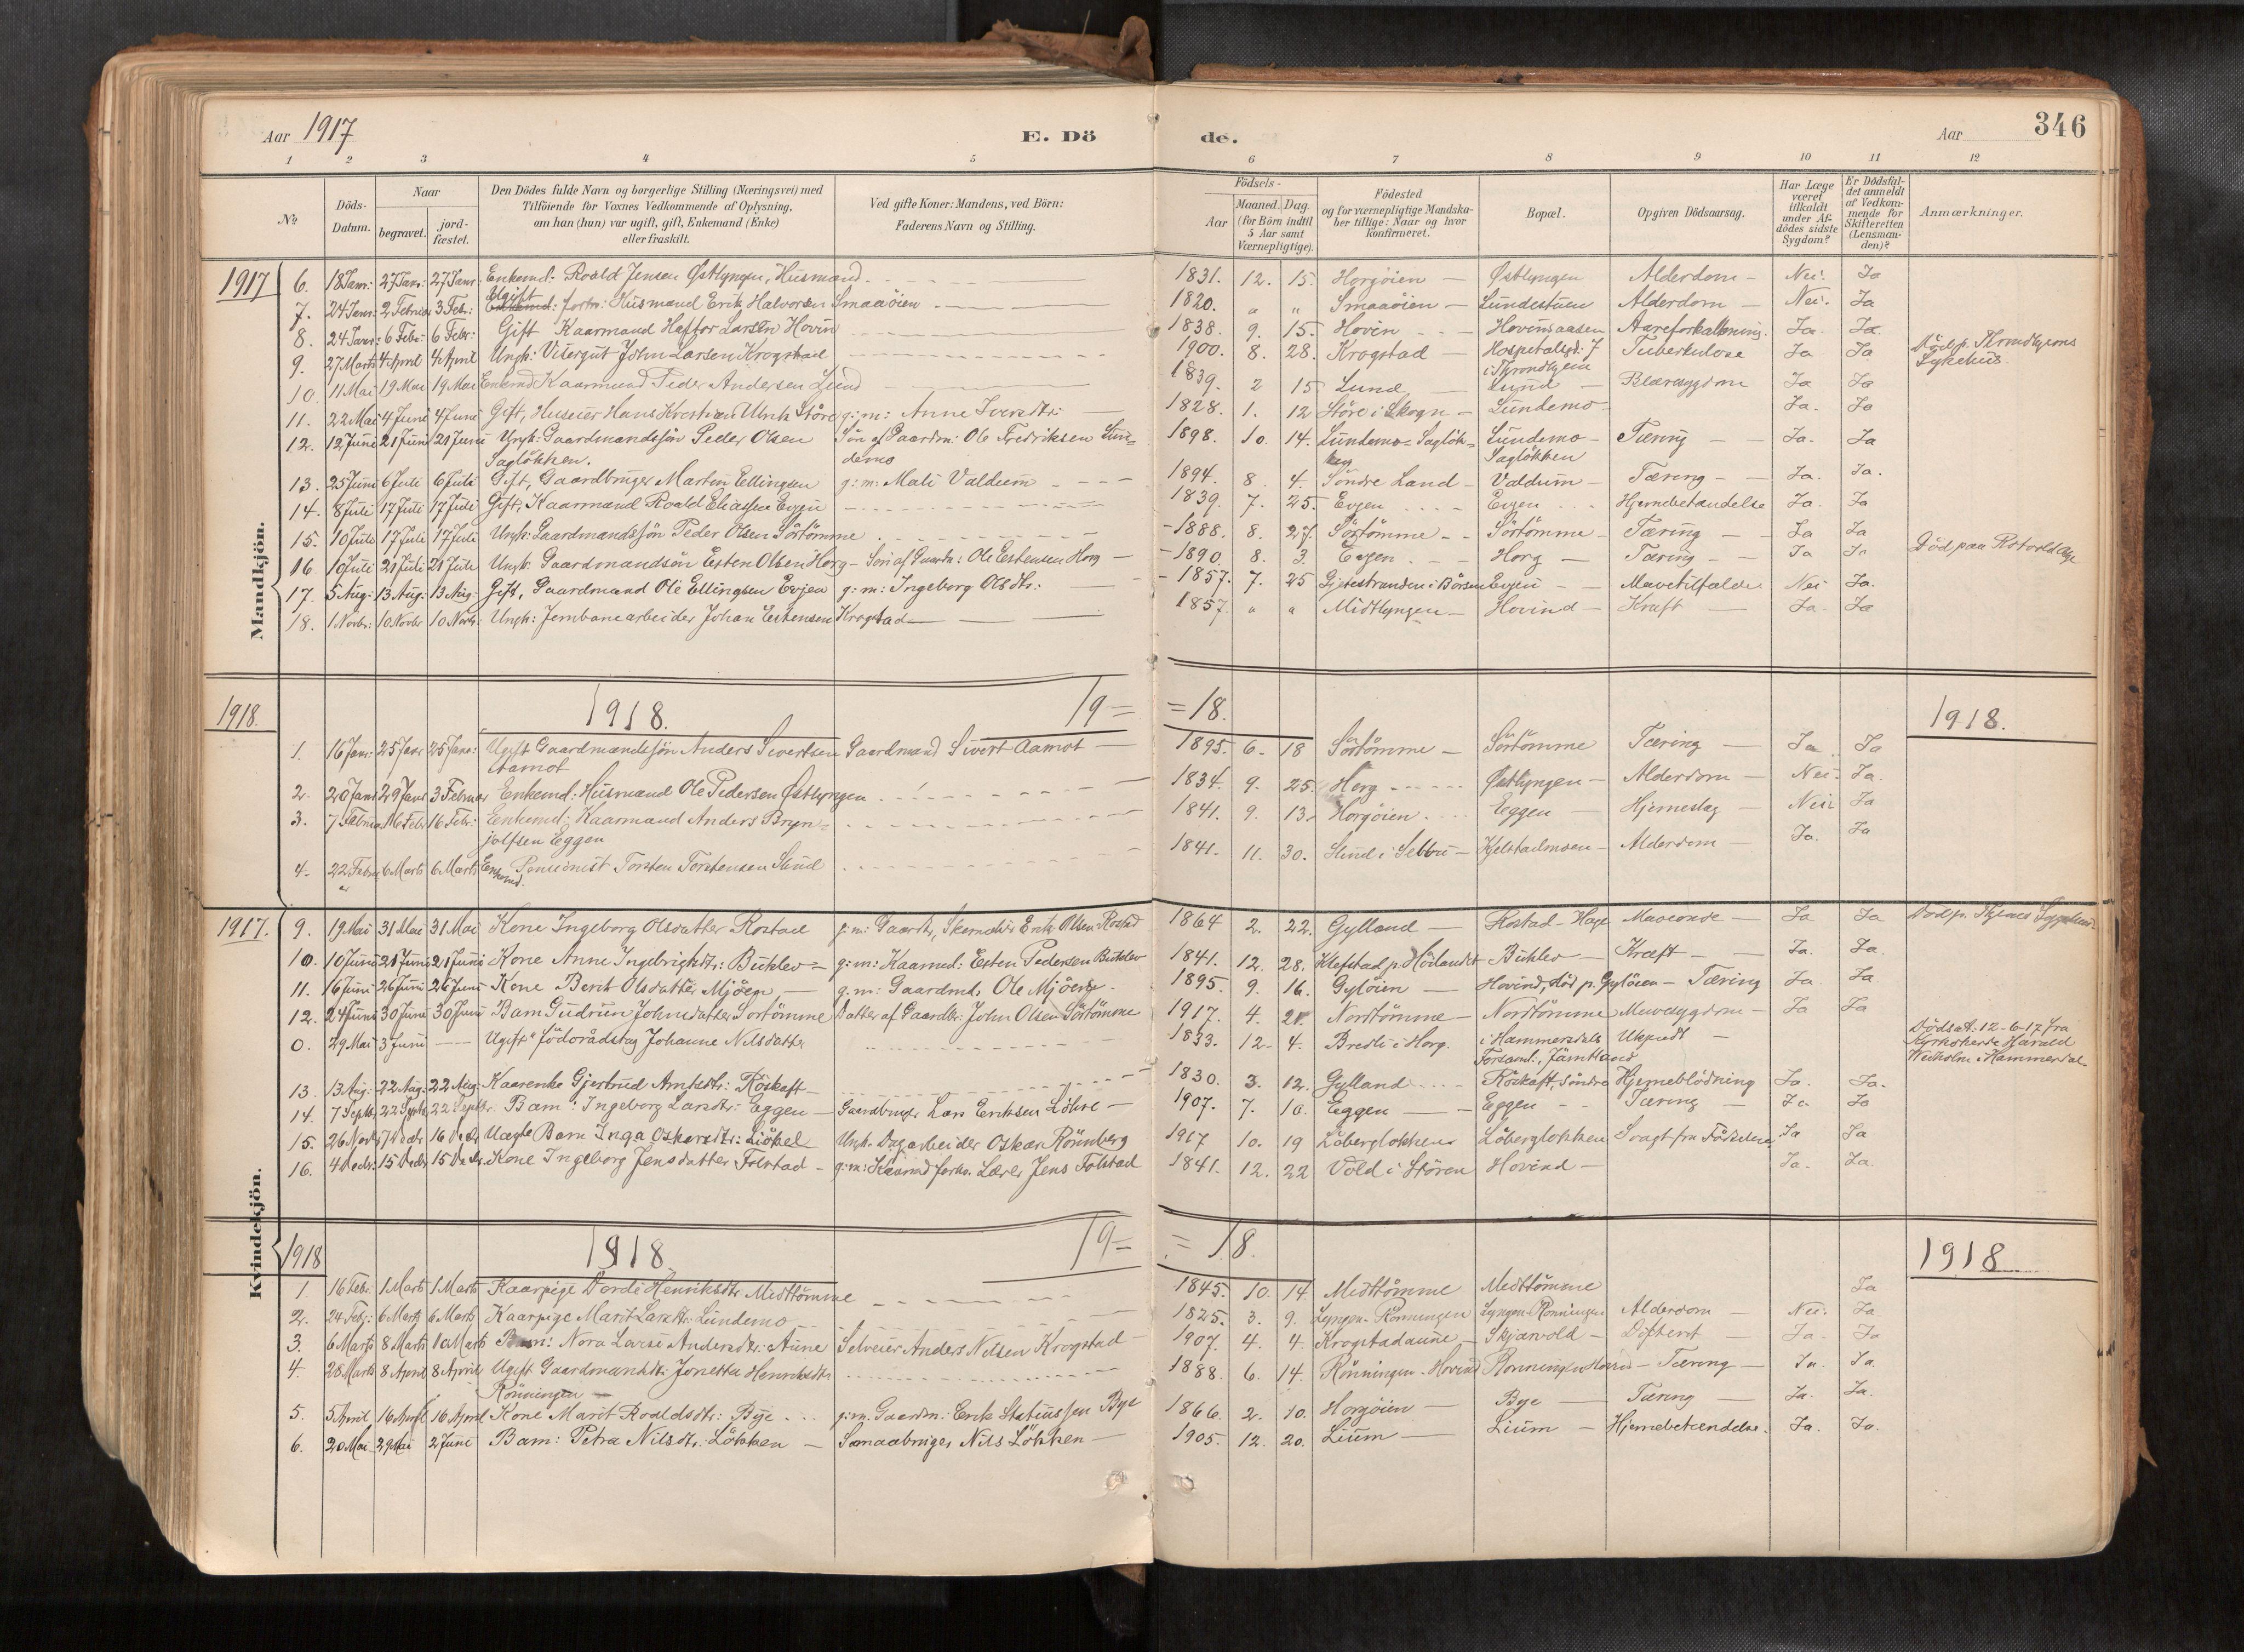 SAT, Ministerialprotokoller, klokkerbøker og fødselsregistre - Sør-Trøndelag, 692/L1105b: Ministerialbok nr. 692A06, 1891-1934, s. 346